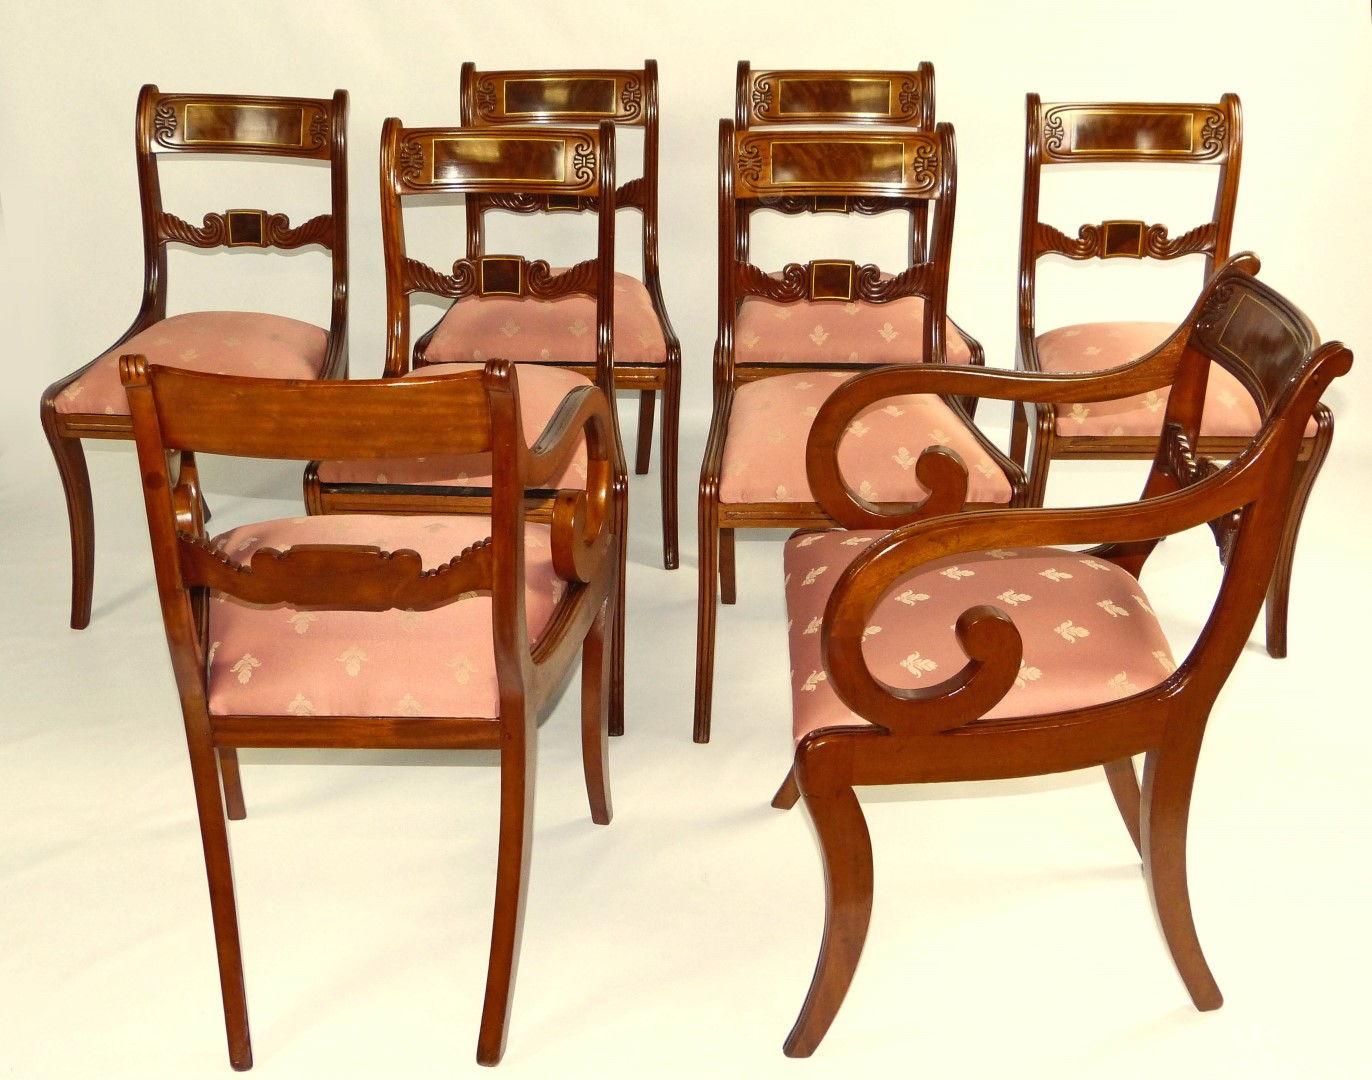 Antique Furniture Antique Cupboards Antique Tables Antique Comfortable Antique Chairs Antique Bookcases Antique Sofas Antiquities